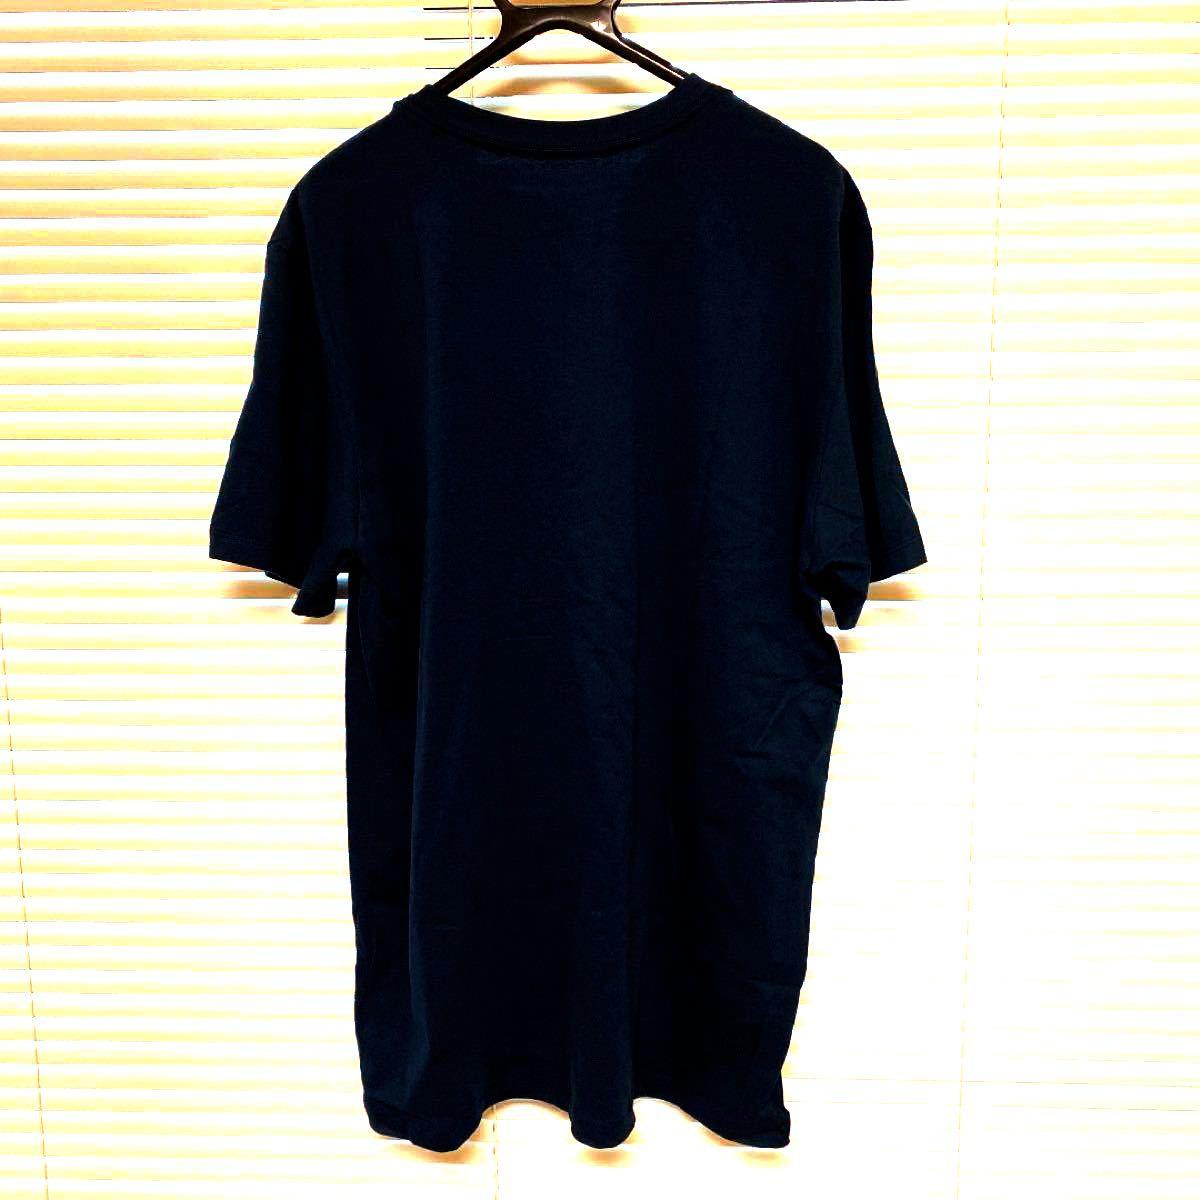 【最終値下げ】THE NORTH FACE  半袖Tシャツ ネイビー L